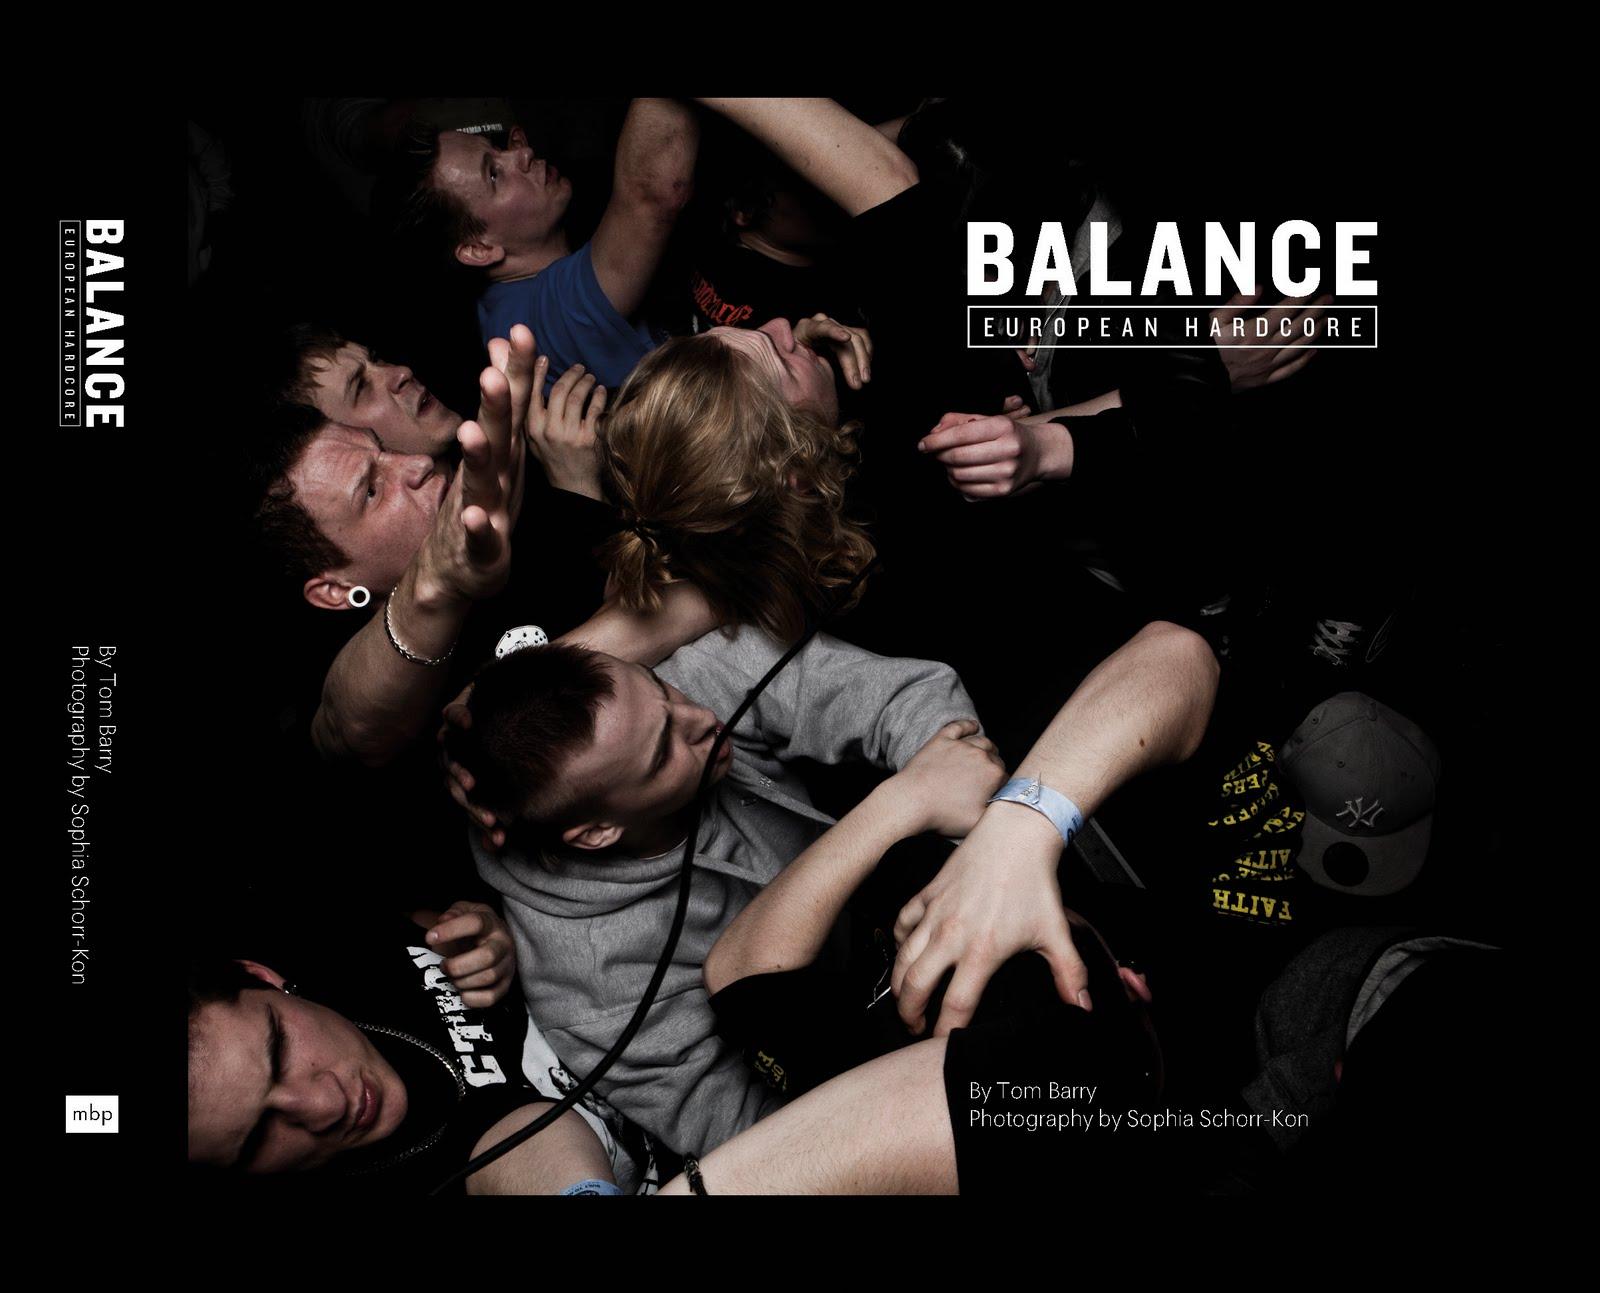 http://2.bp.blogspot.com/-CYuXDc6Y-gk/TmYck3Pq02I/AAAAAAAABnM/0uu3r1bJ6Lc/s1600/Balance-COVER.jpg